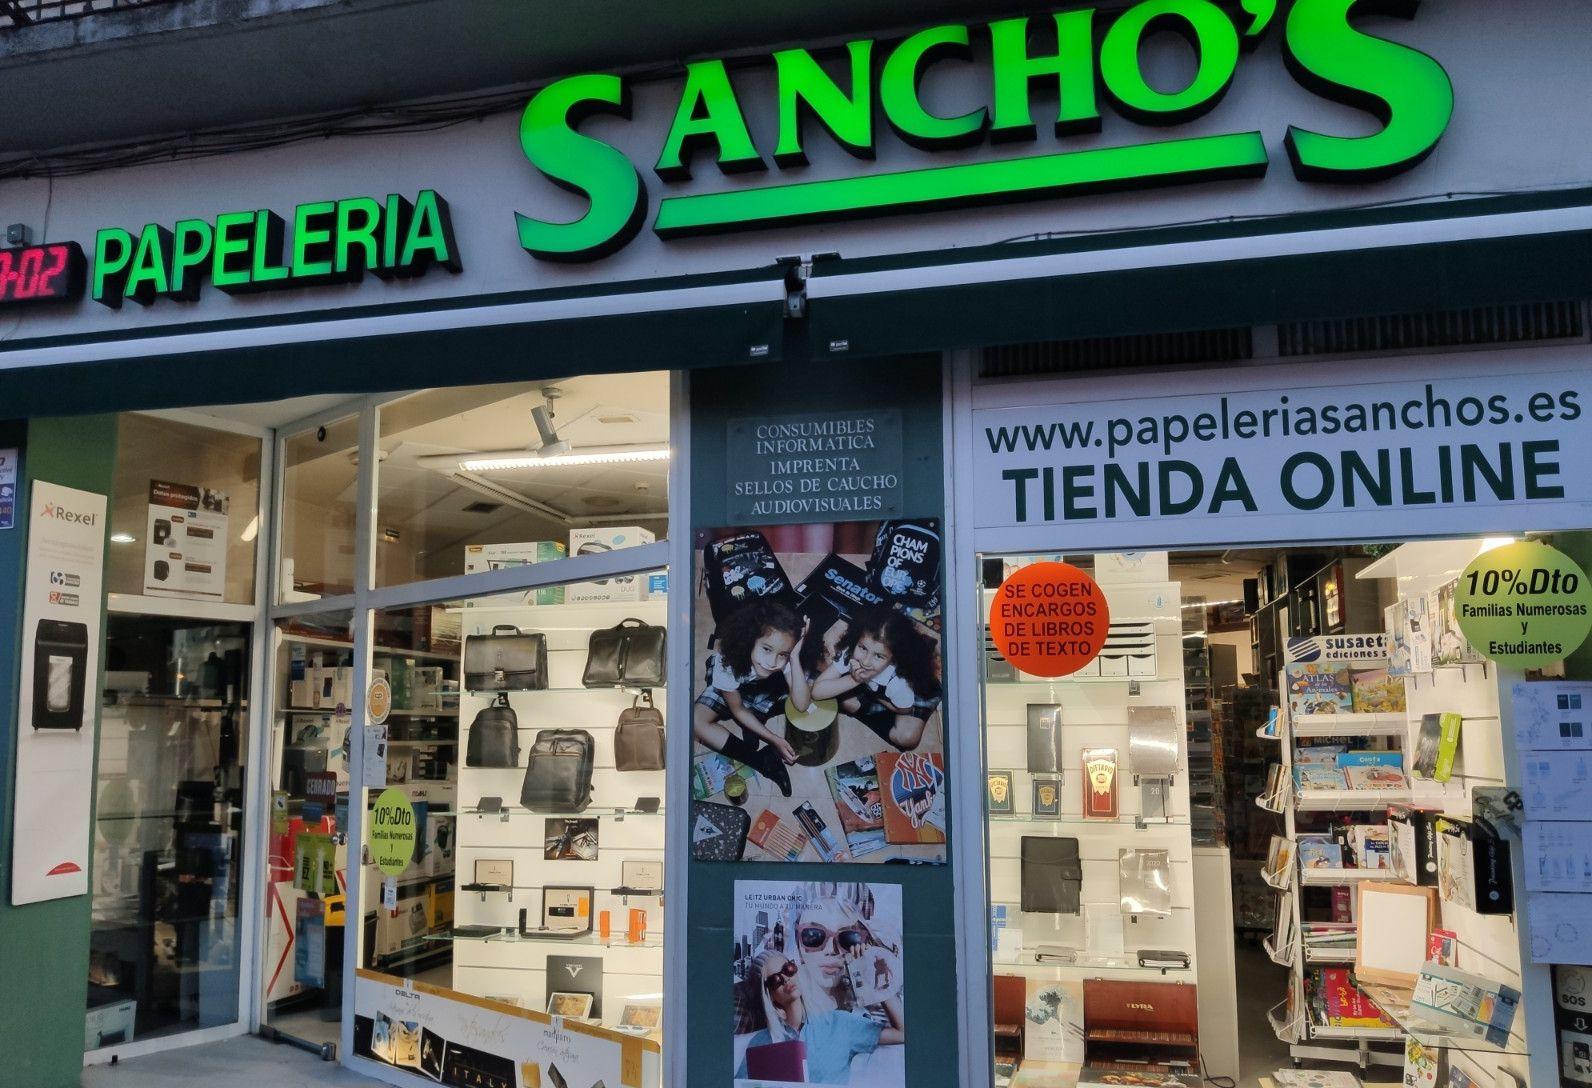 Papelería Sancho's te lo pone fácil. en tienda y también on line